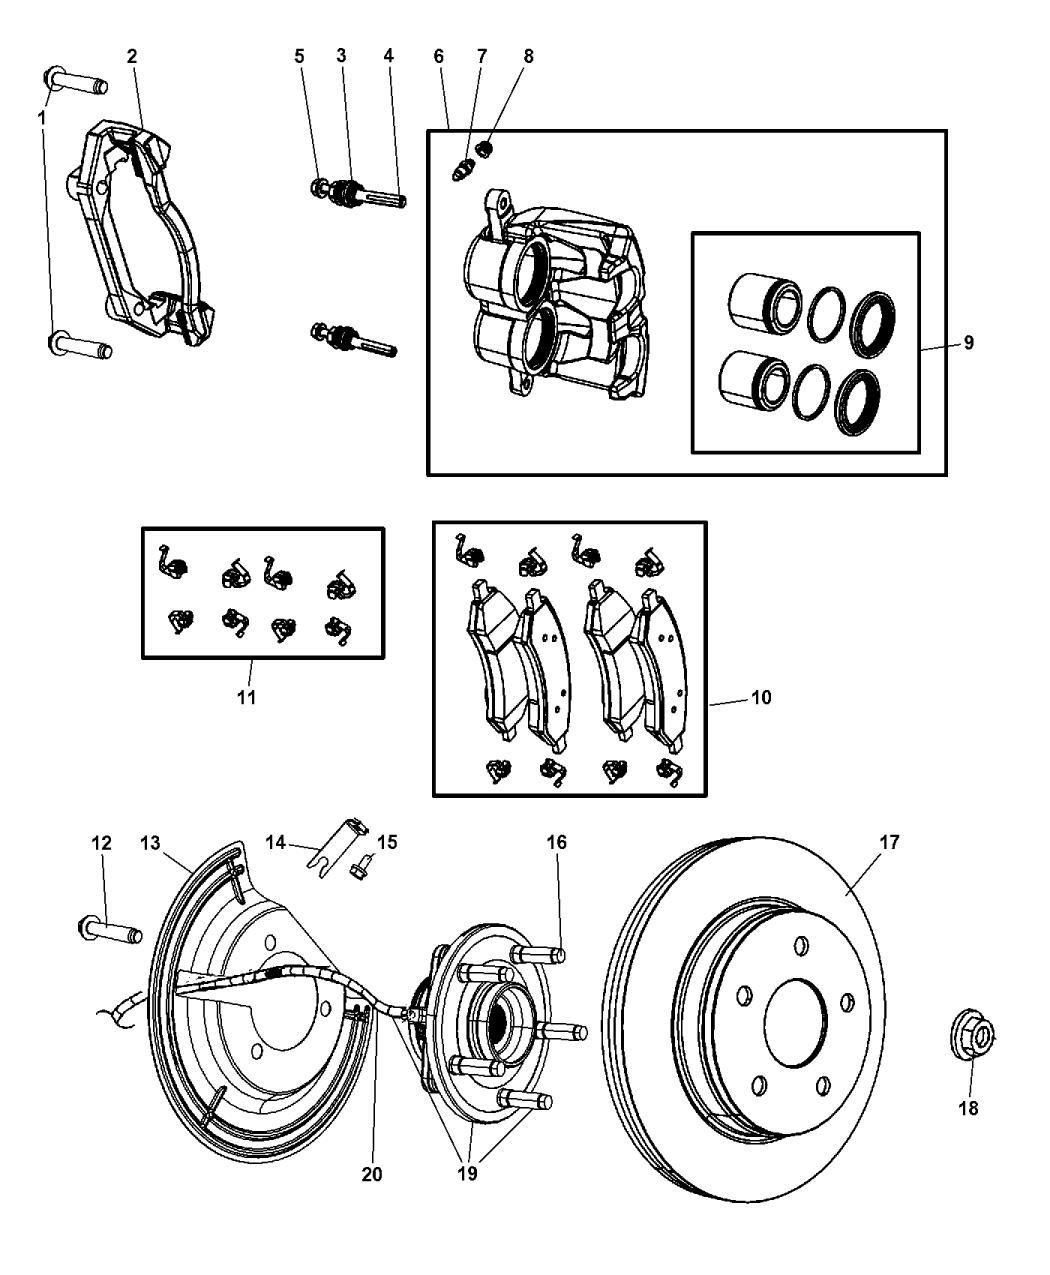 2009 dodge ram 1500 front brakes mopar parts giant. Black Bedroom Furniture Sets. Home Design Ideas